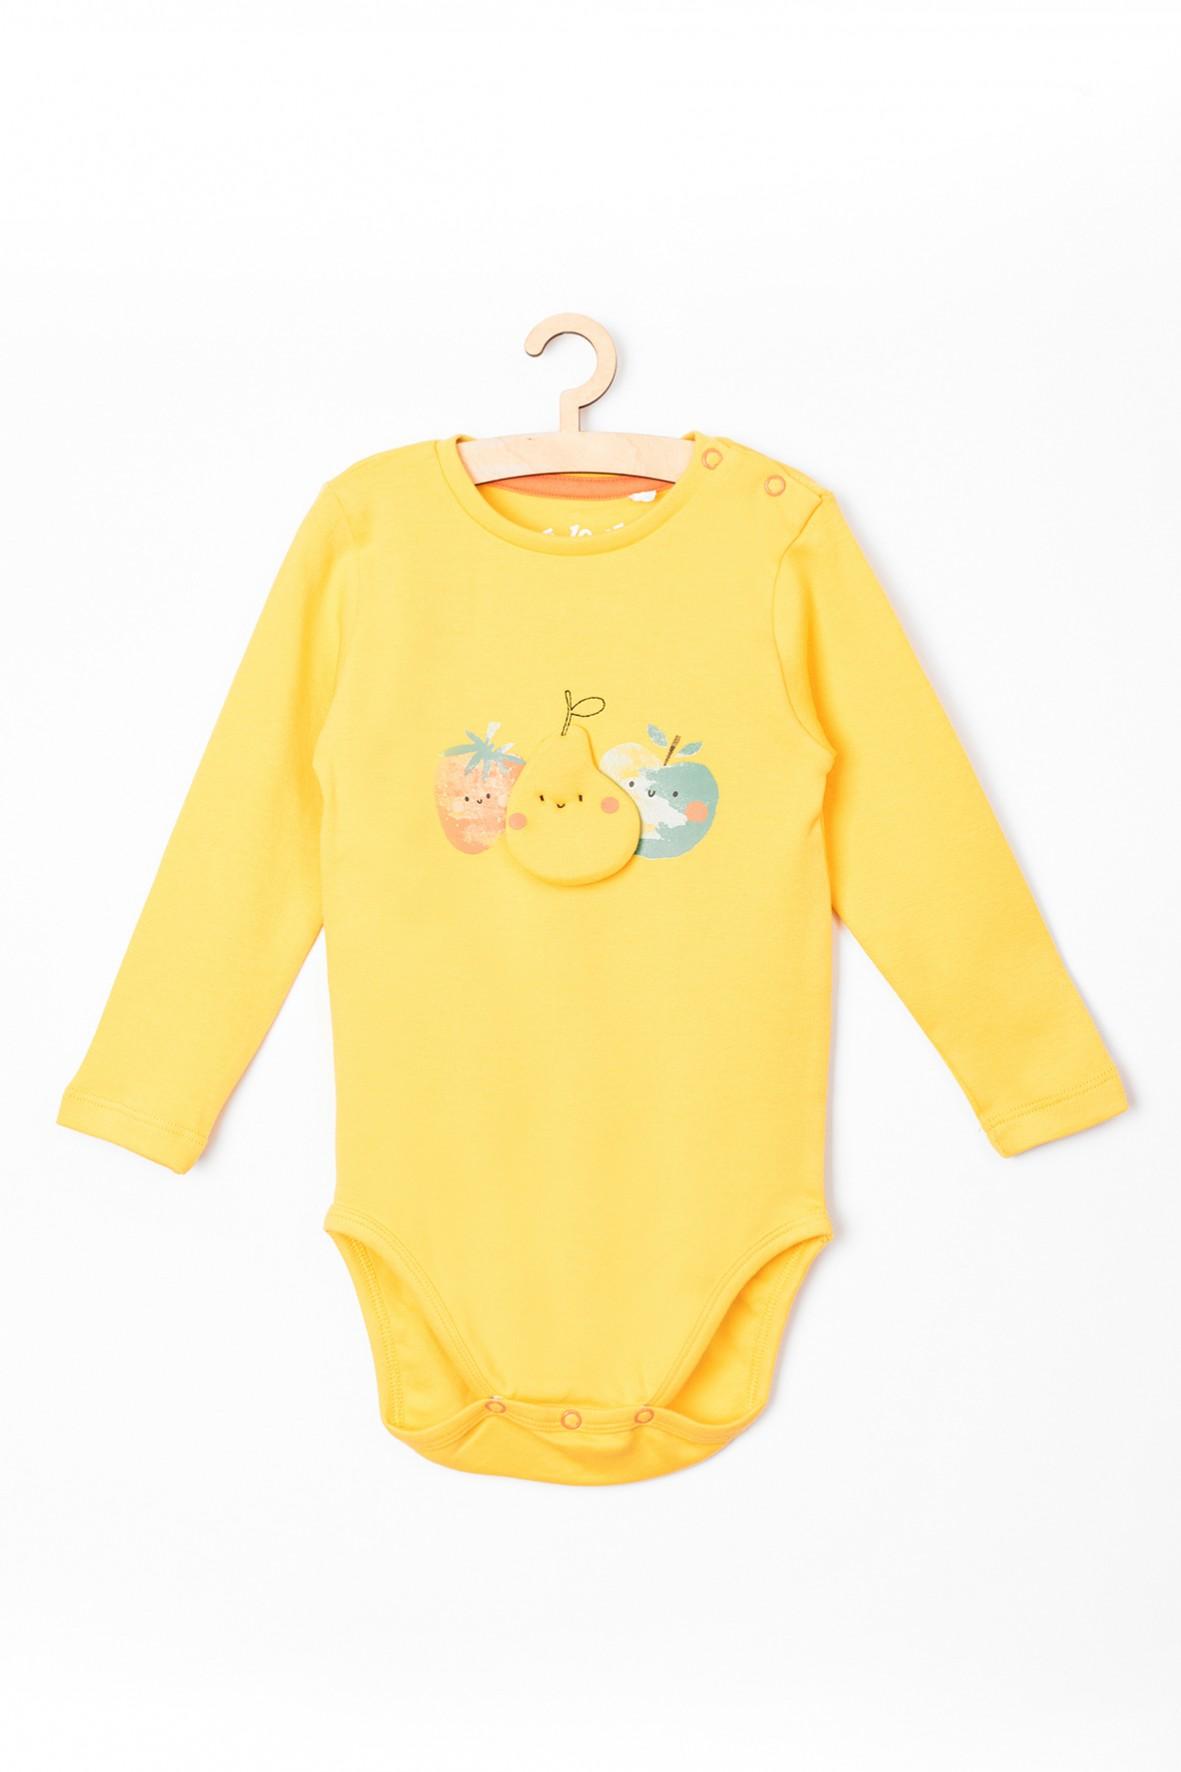 Body niemowlęce żółte -owoce- 100% bawełna